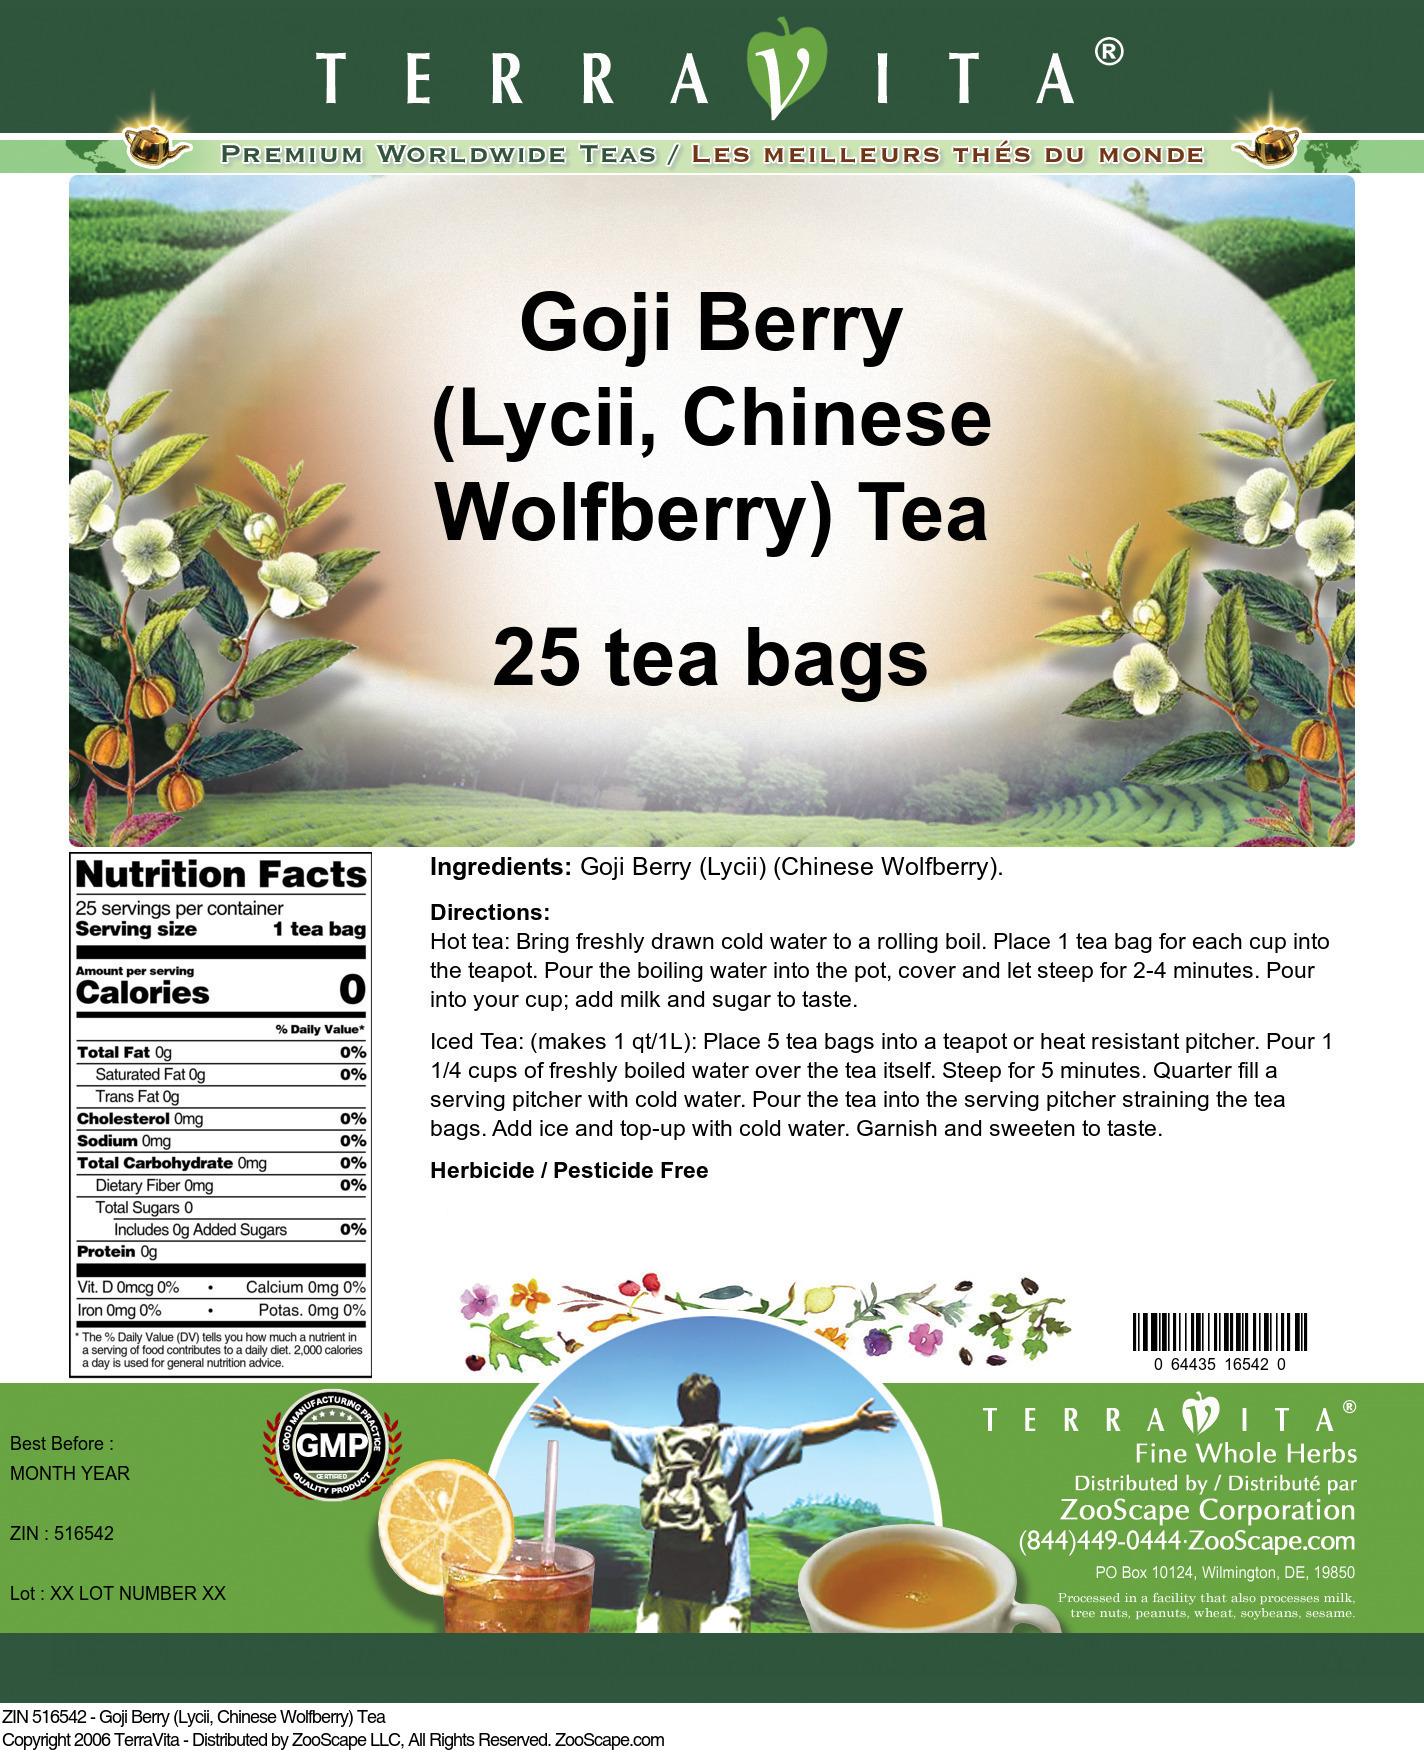 Goji Berry (Lycii, Chinese Wolfberry) Tea